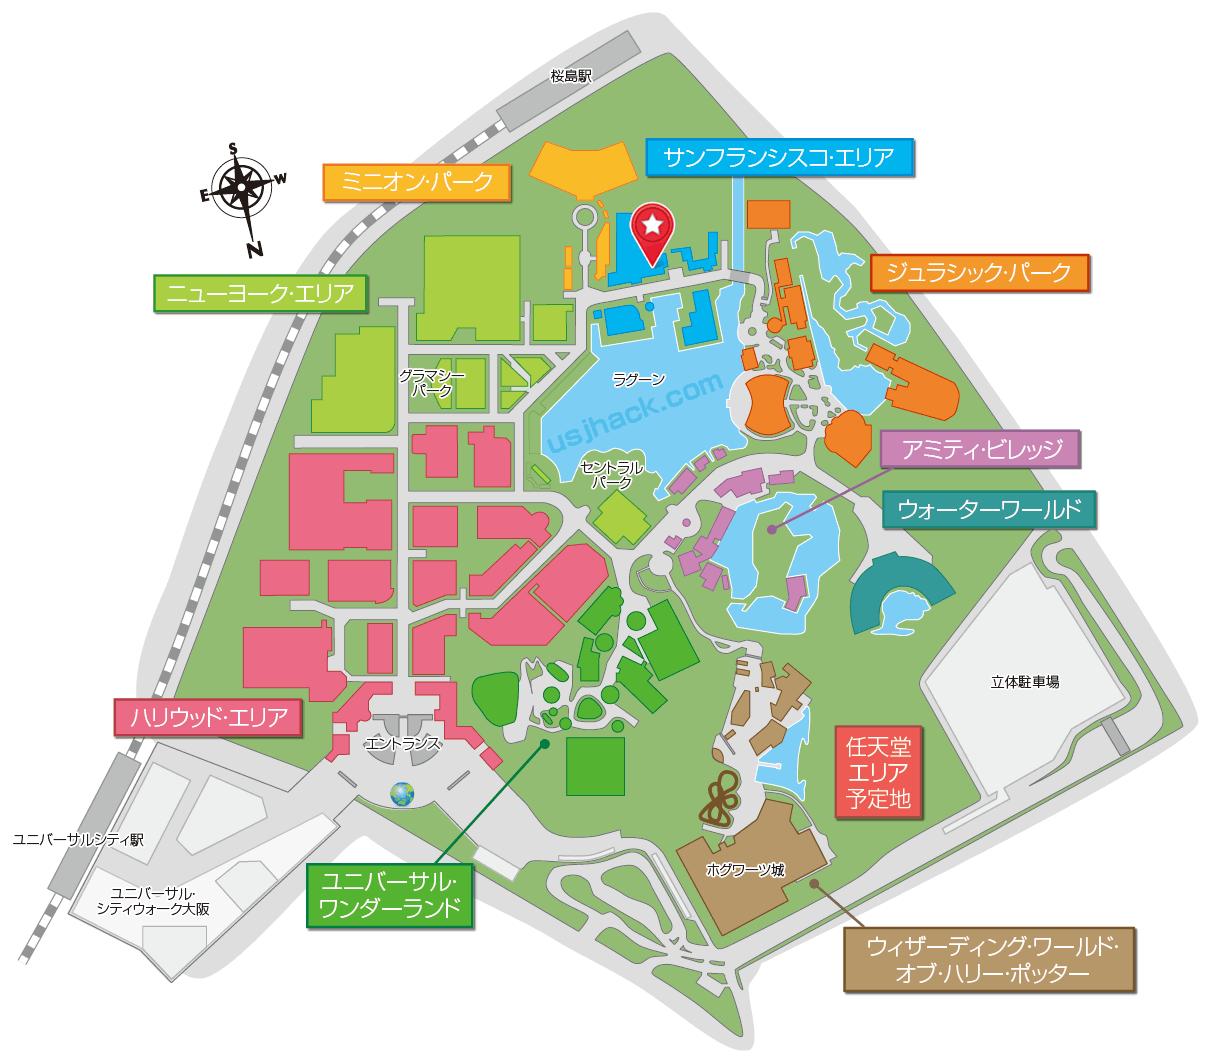 マップで確認するザ・ドラゴンズ・パールの場所